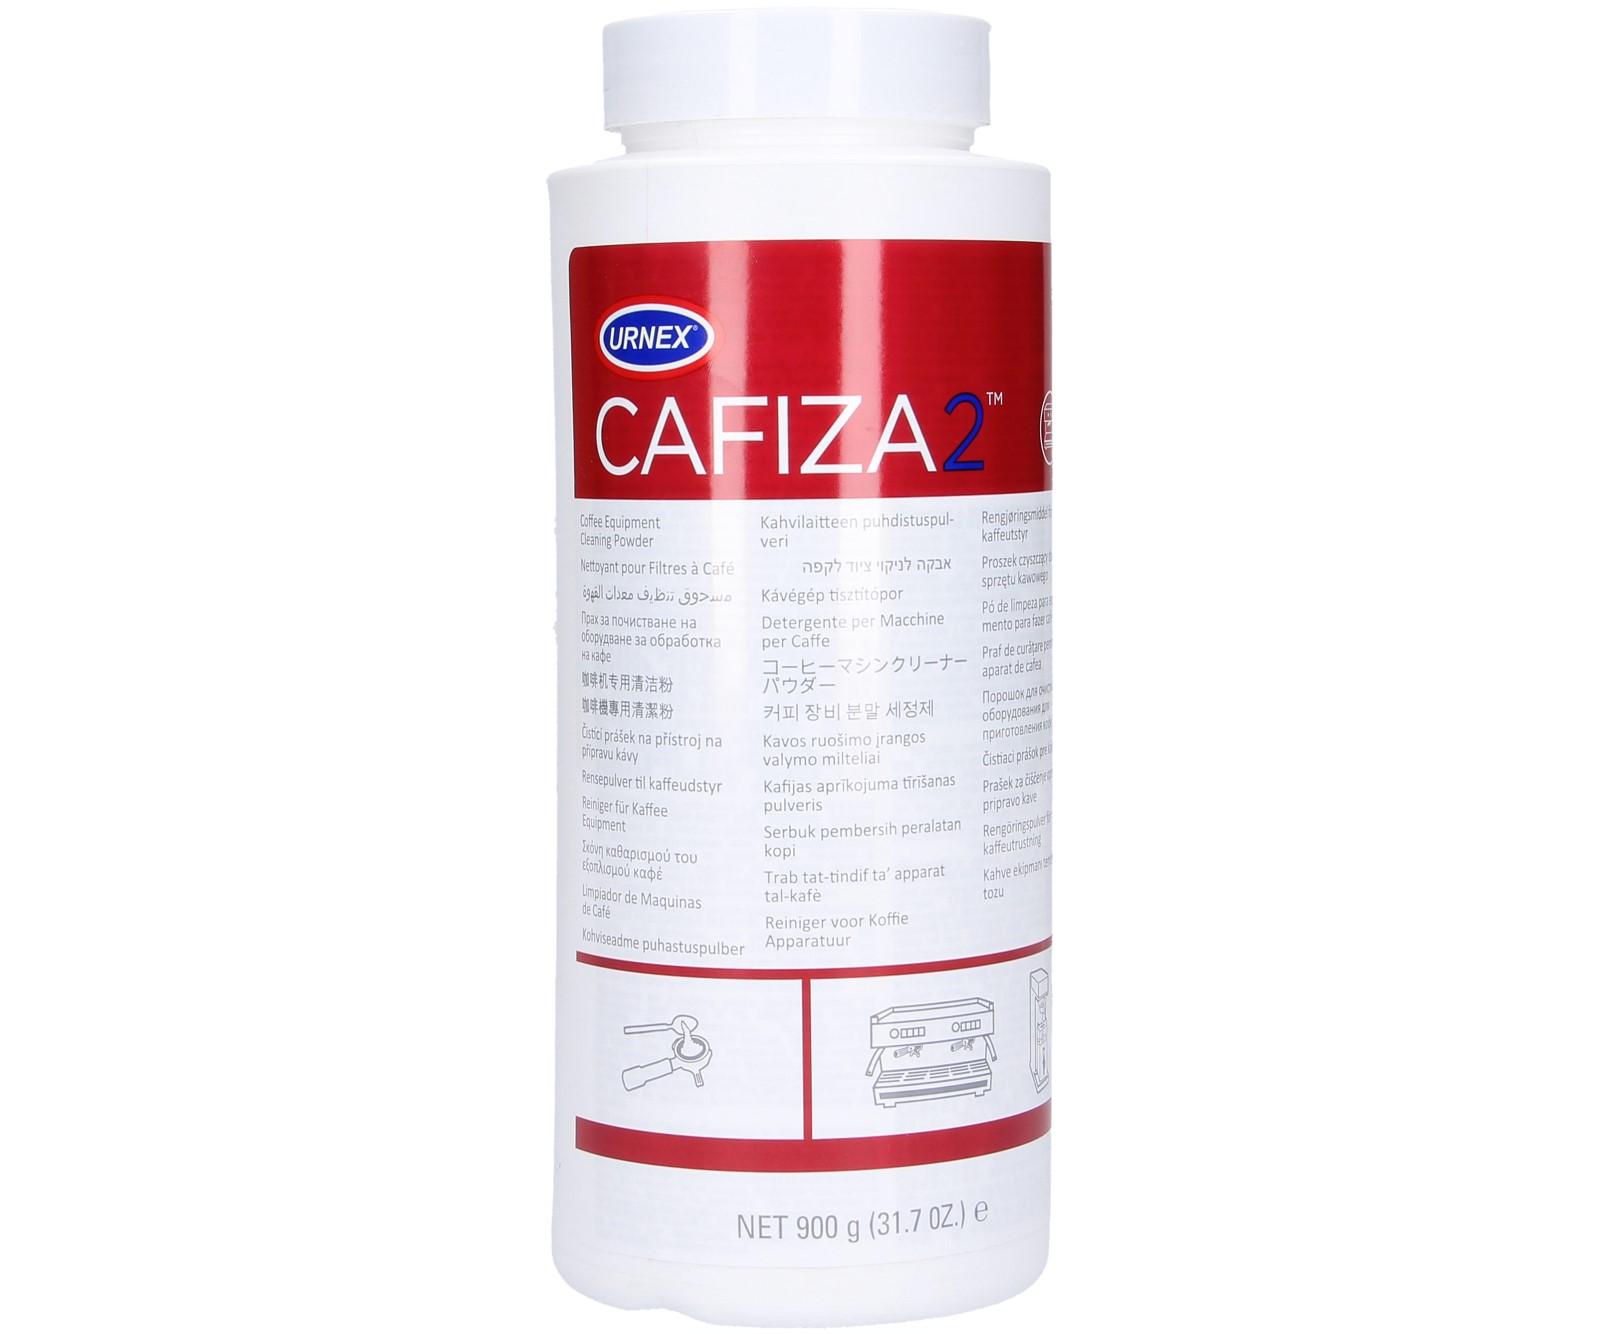 URNEX CAFIZA2 Порошок для очистки кофемашины 900g